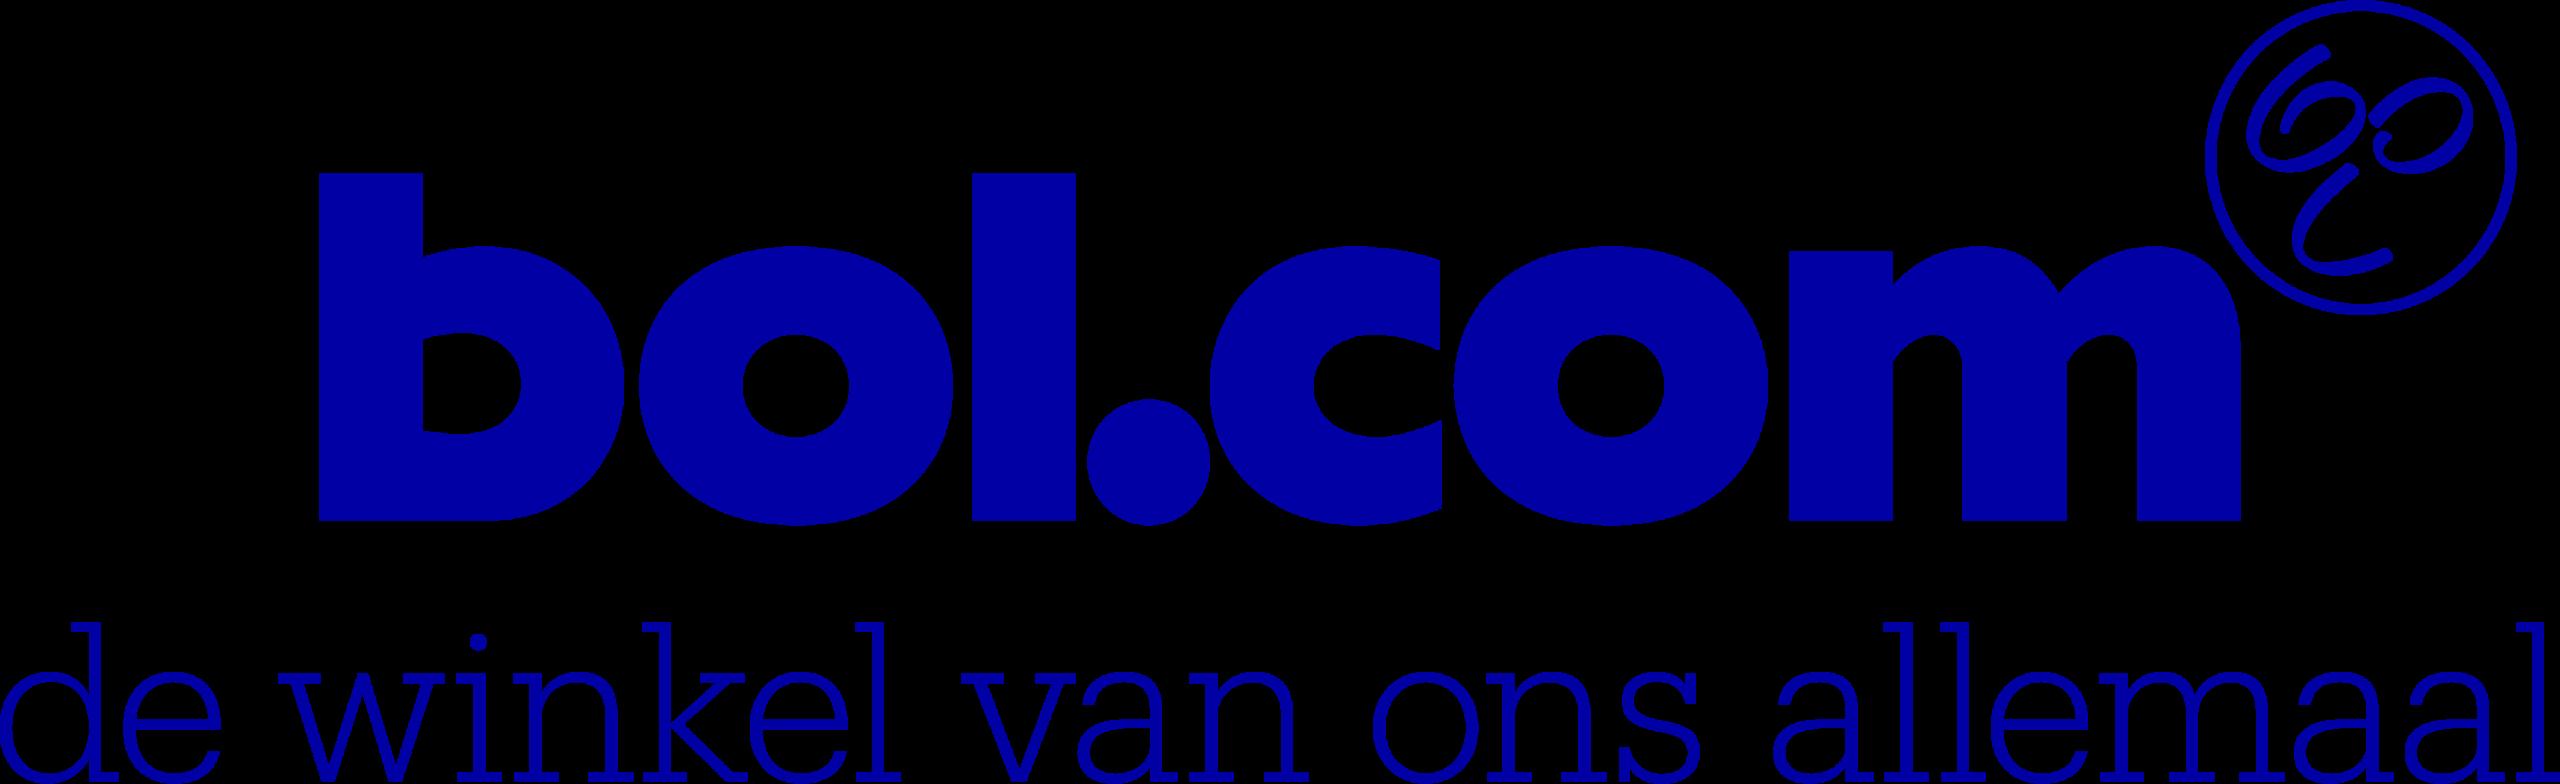 Bol.com Black Friday